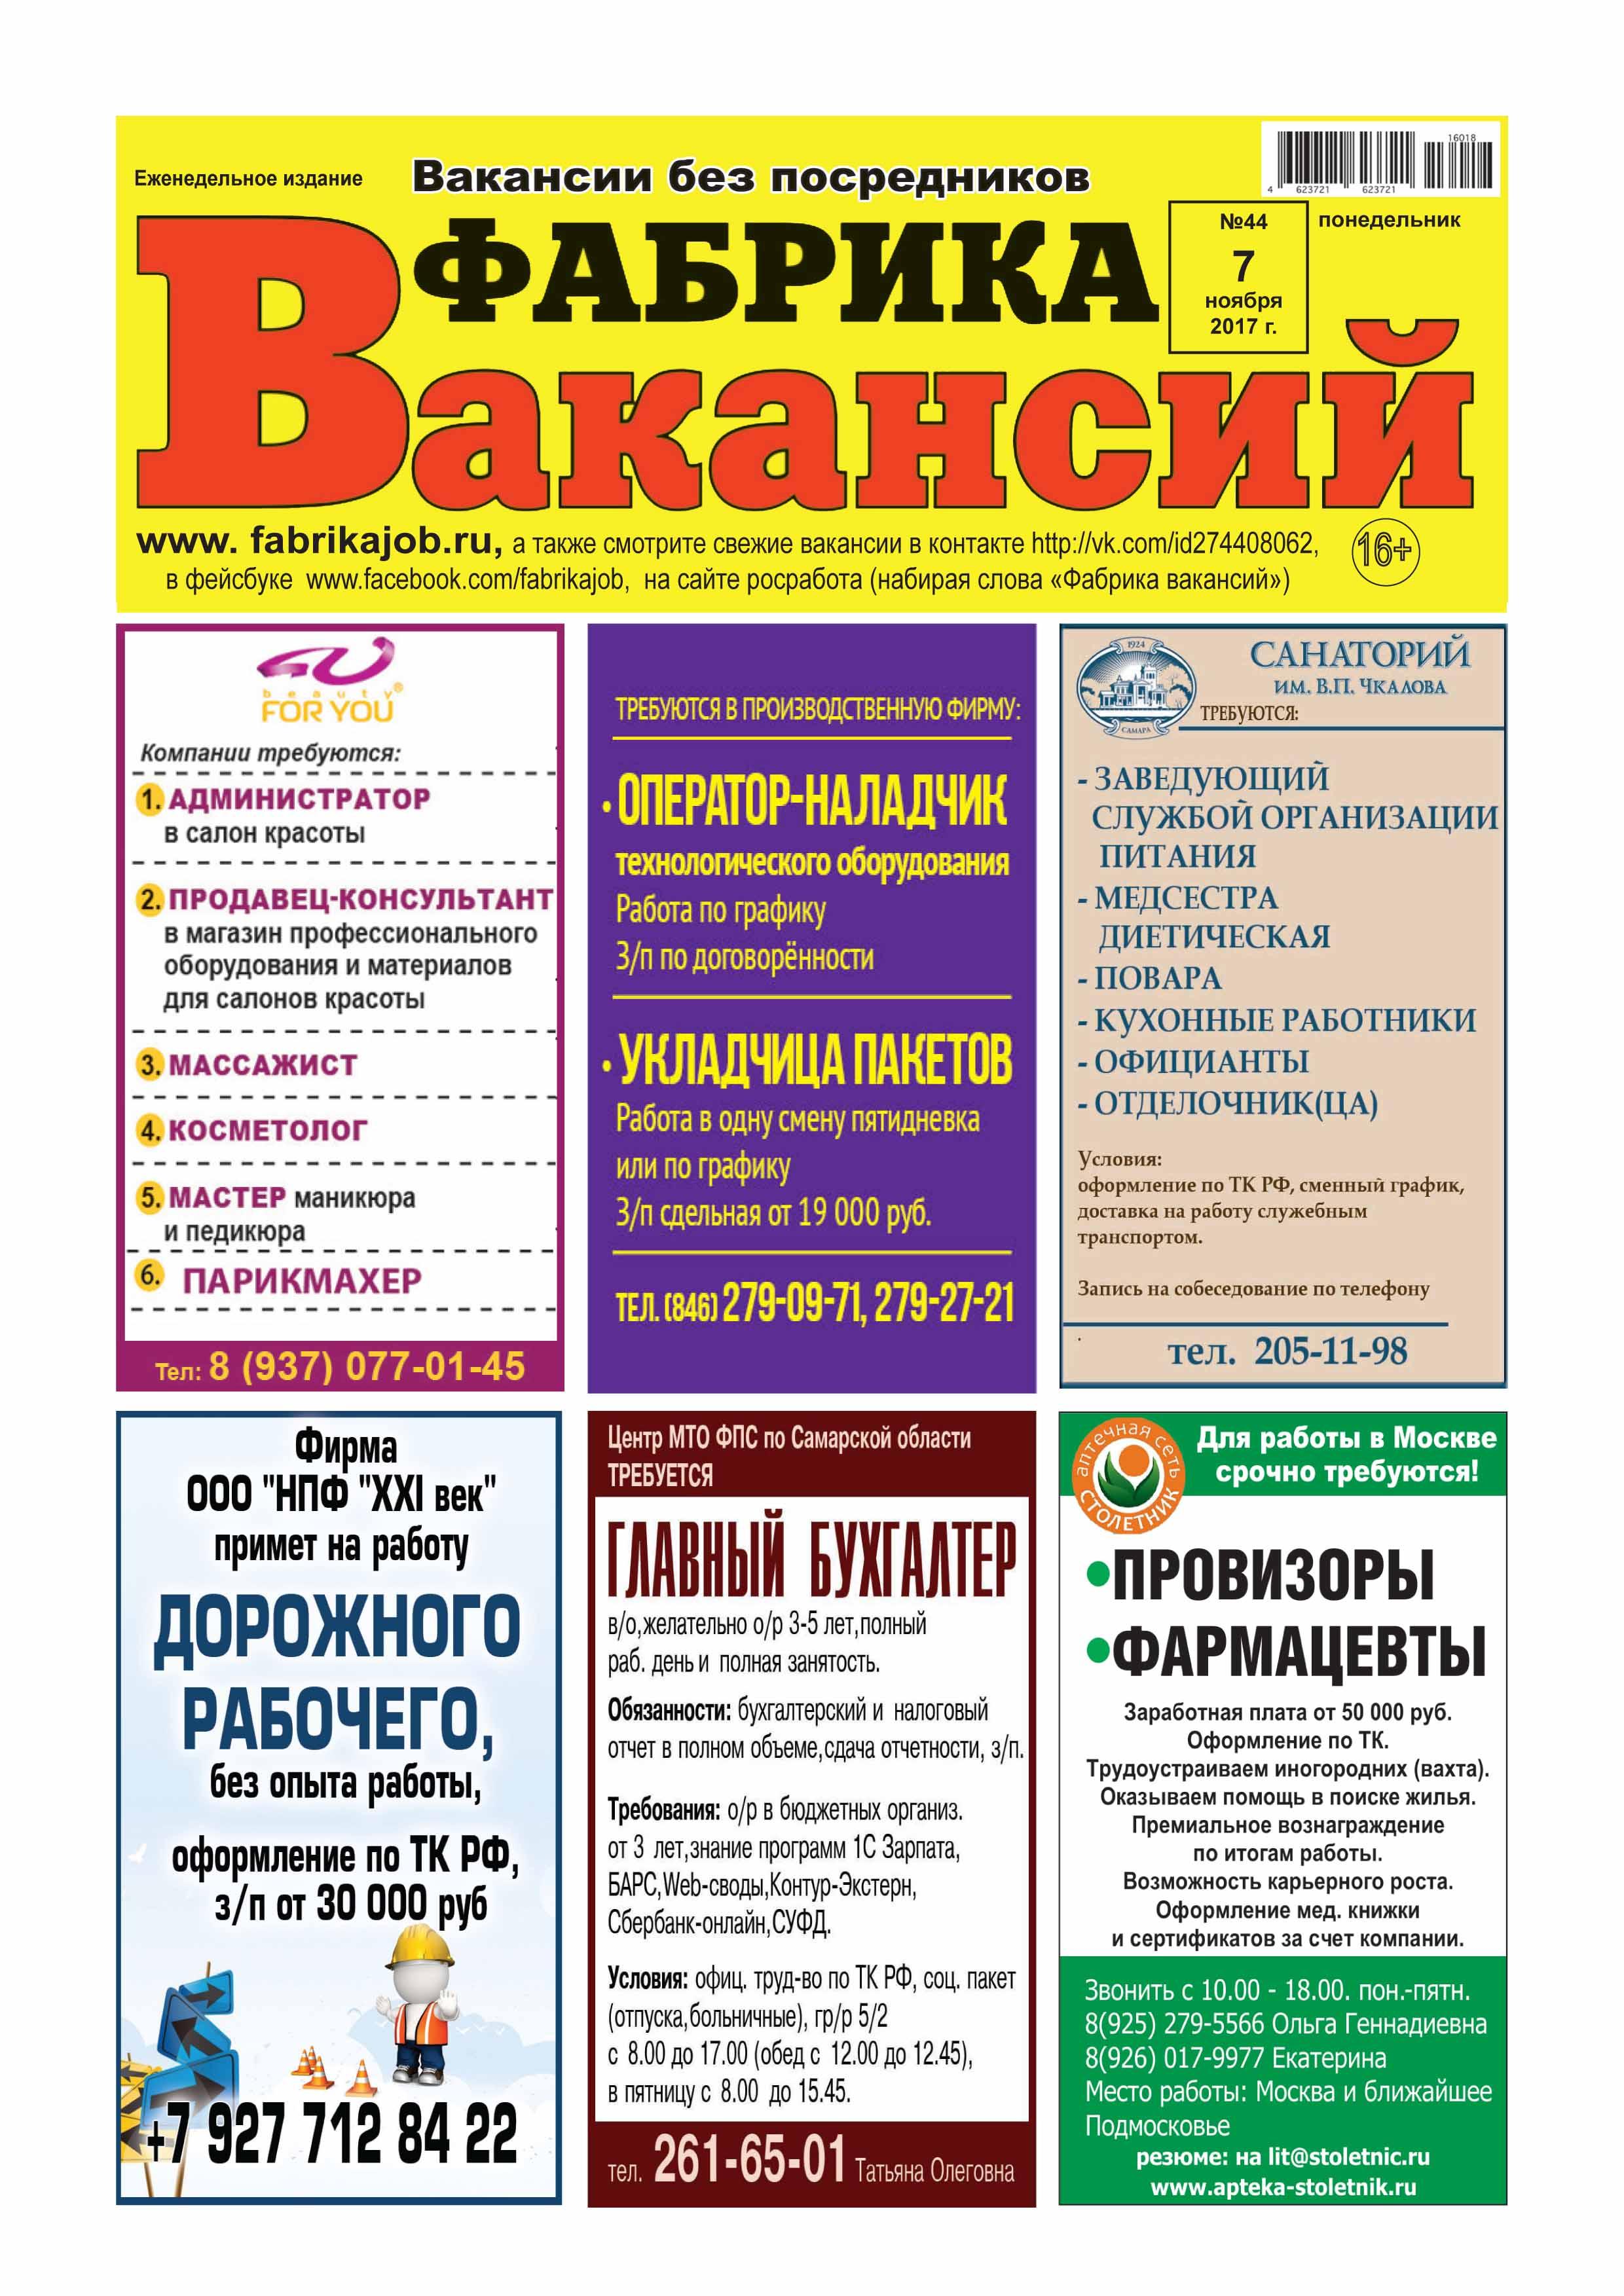 Нужен продавец в новокуйбышевске на бирже труда